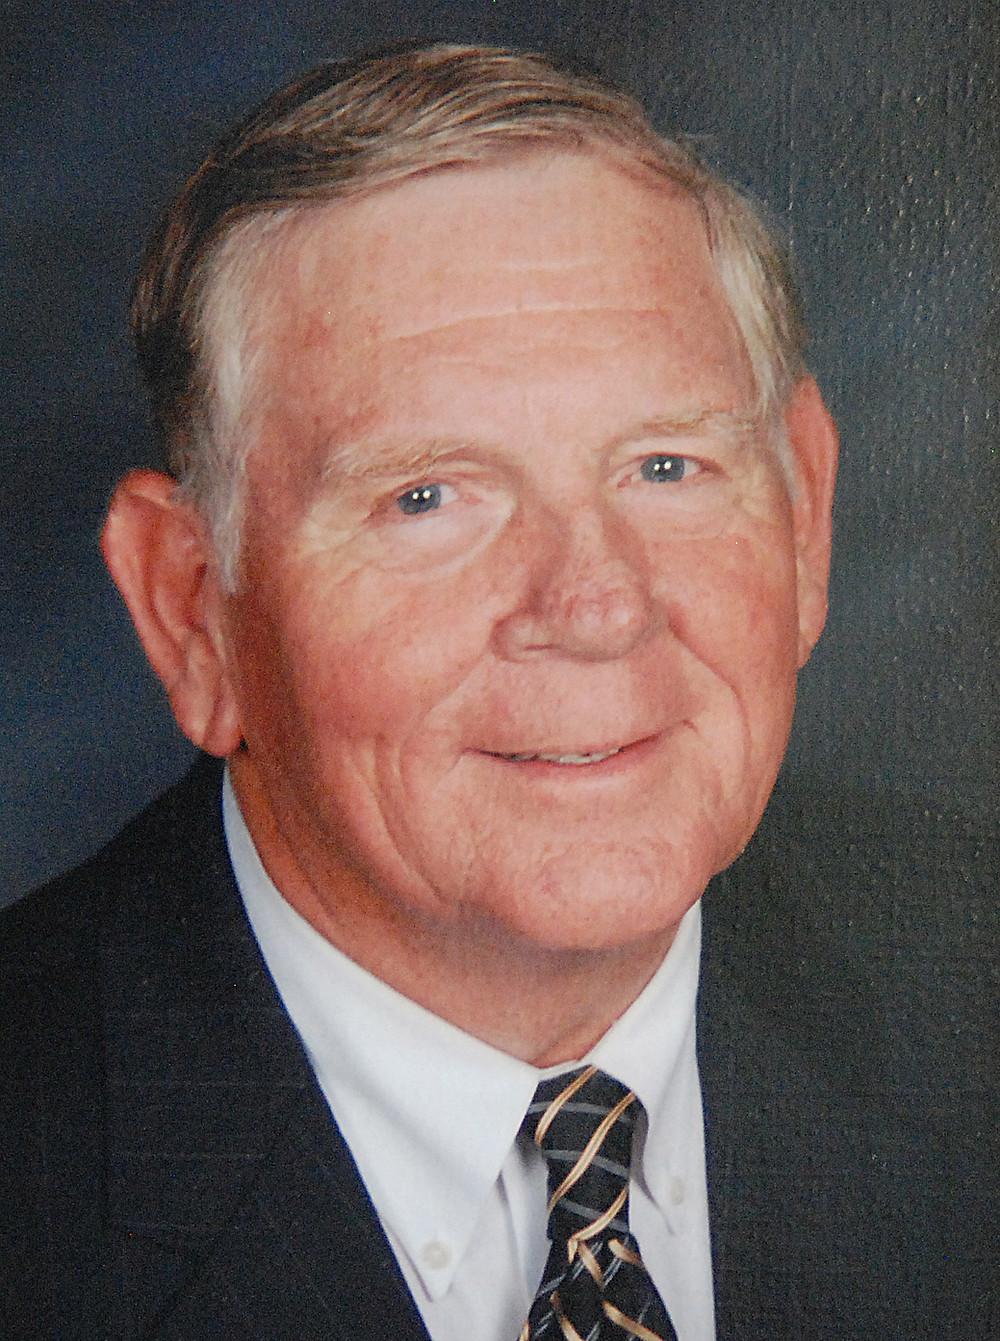 Gary Starkweather